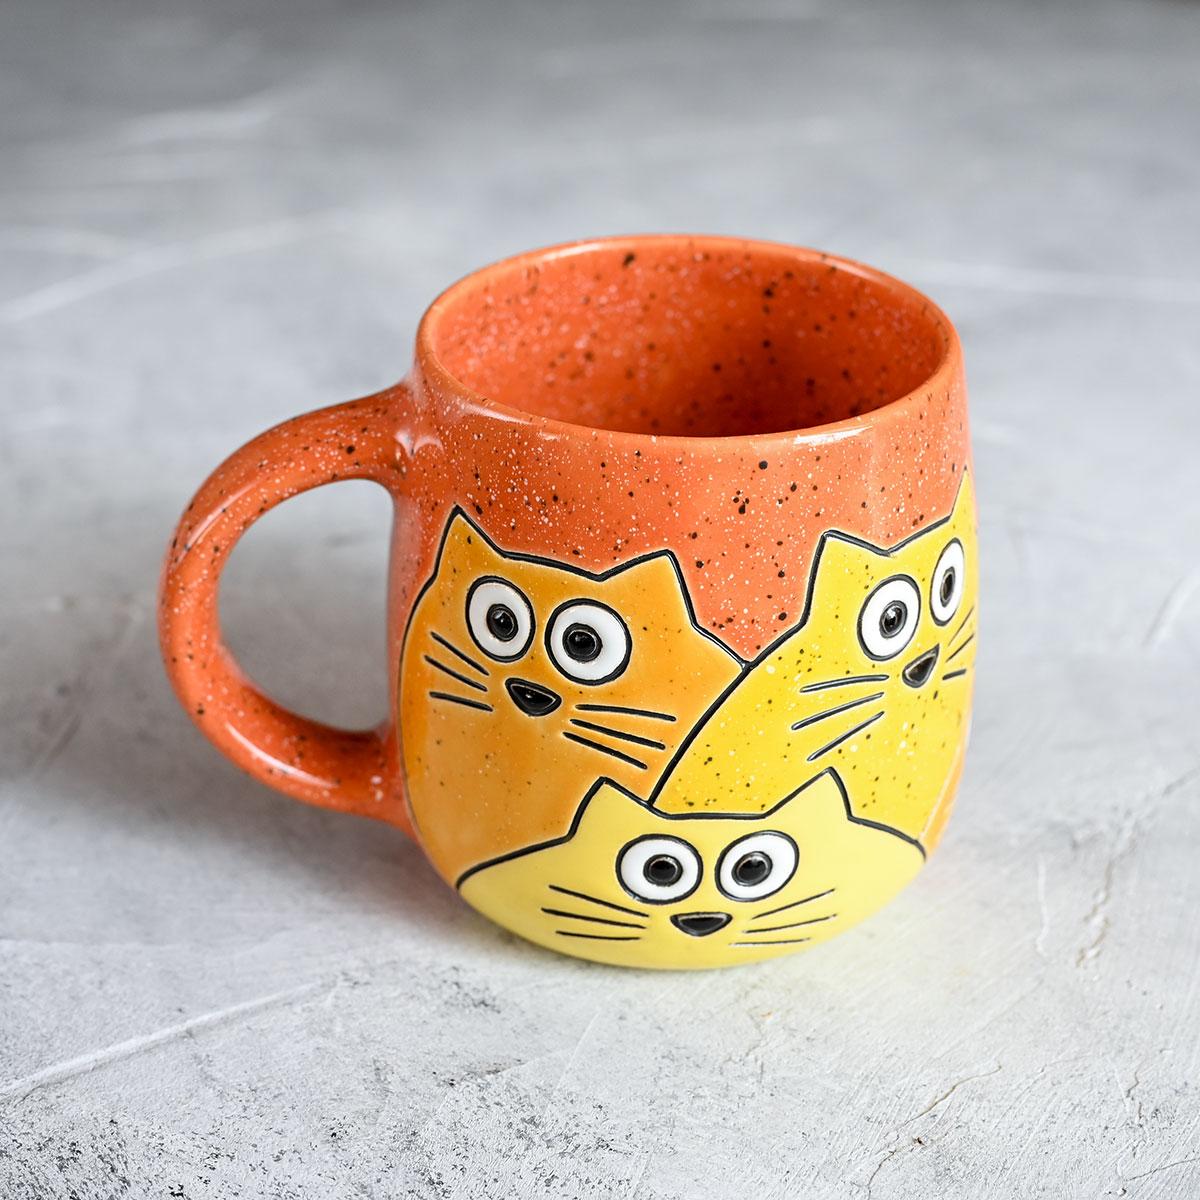 """картинка Кружка """"Котики"""" большая оранжевая - DishWishes.Ru"""